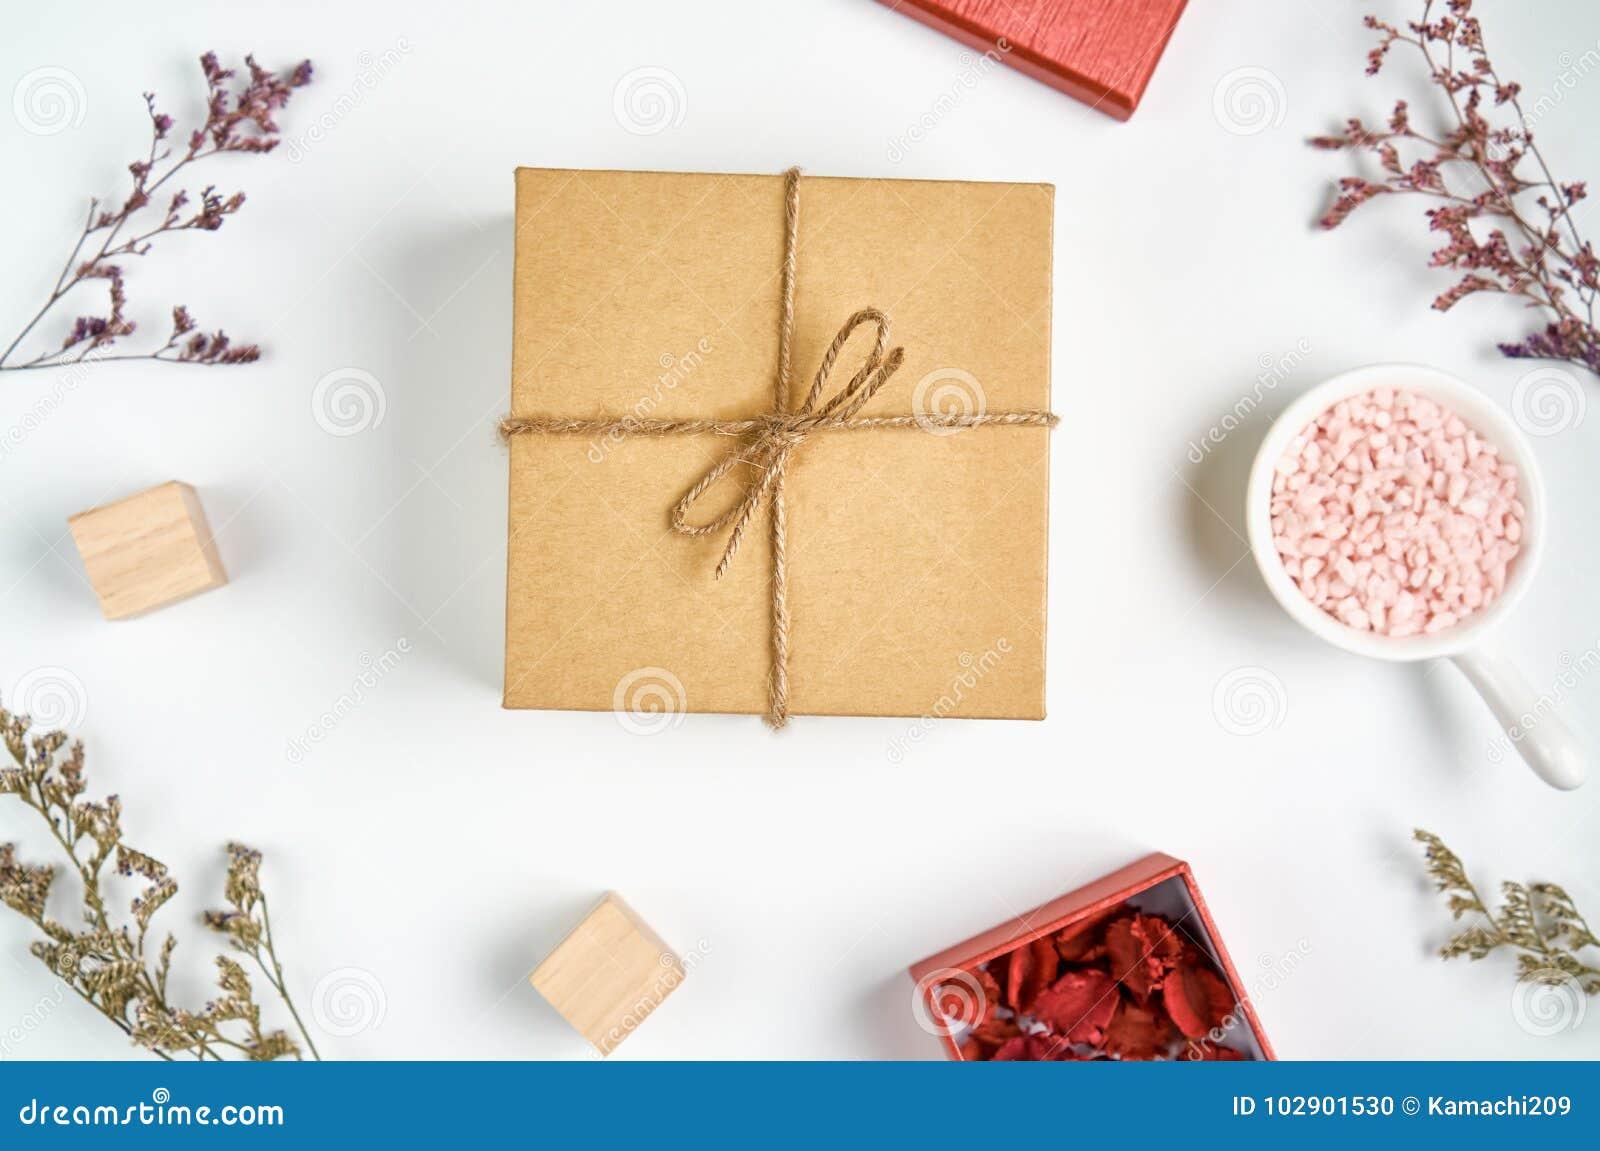 布朗有蝶形领结的礼物盒和与小红色箱子的草花安置边看起来美丽 为使用与圣诞节或新年